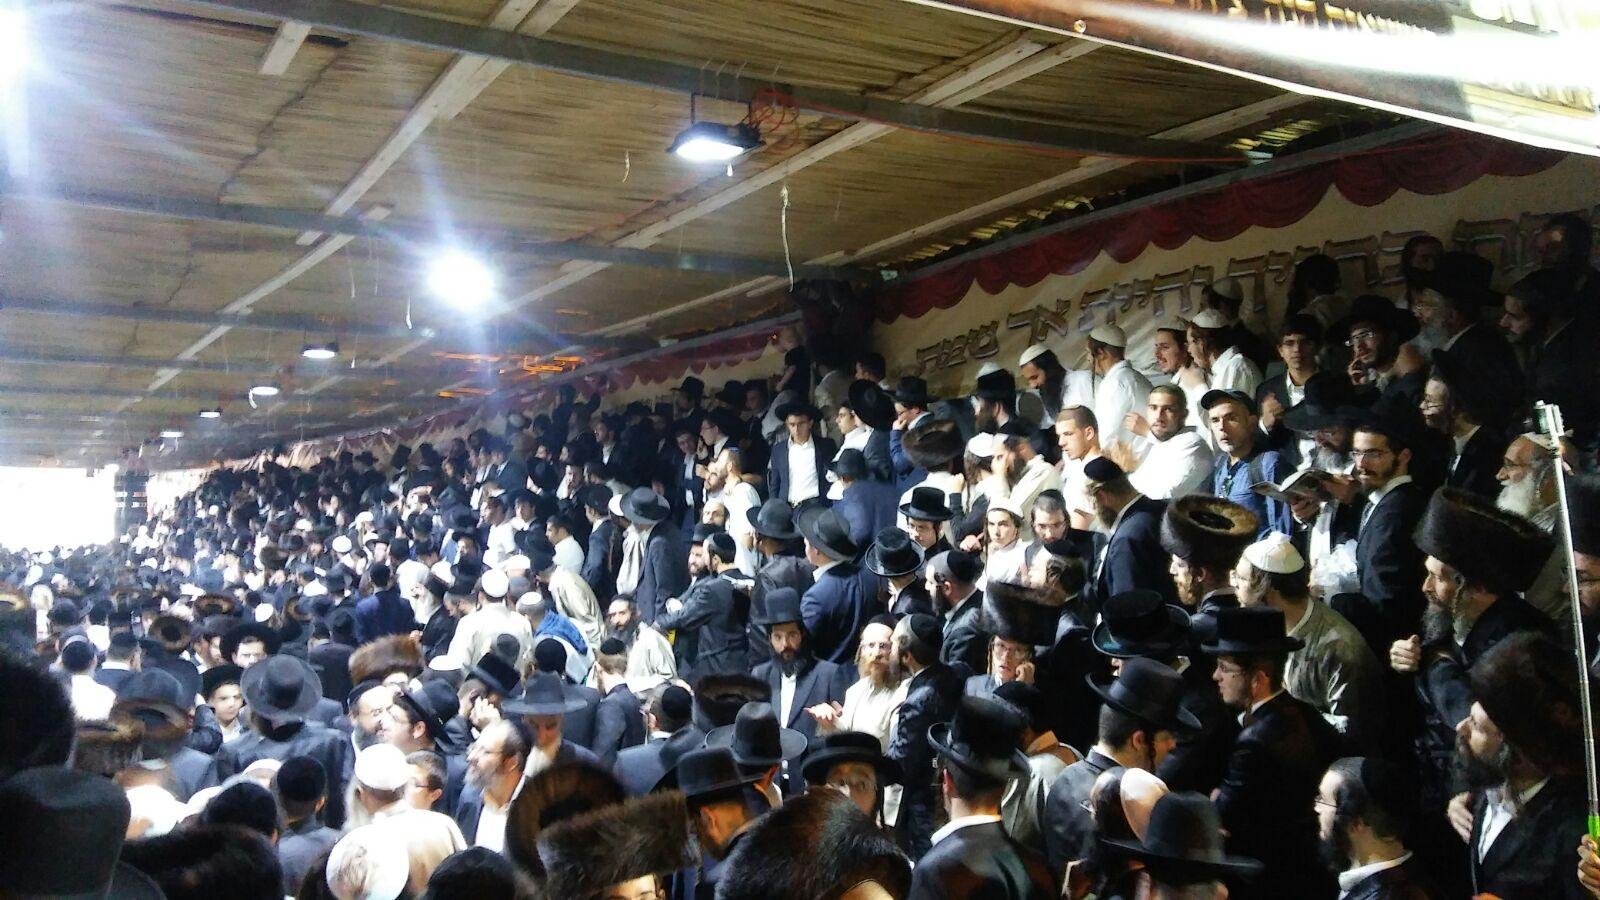 צפו: אלפים חוגגים אצל הרב אליעזר ברלנד